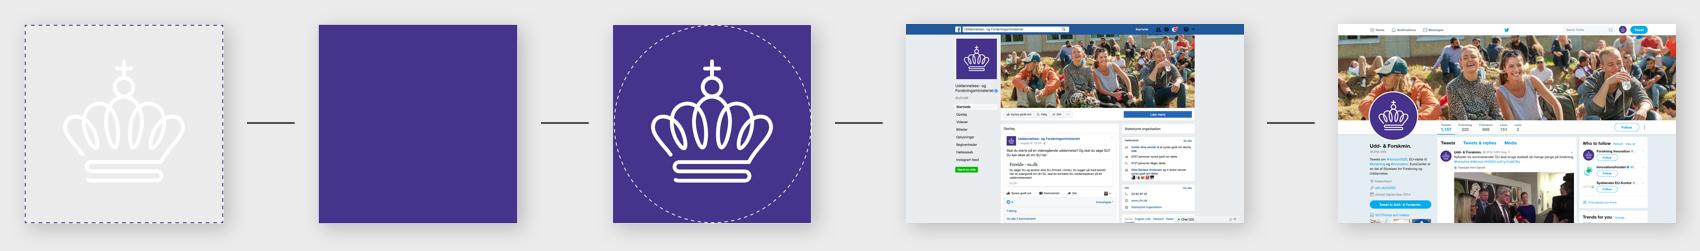 UFM_Design_Guide_Logo_Social_Media_guide1.jpg